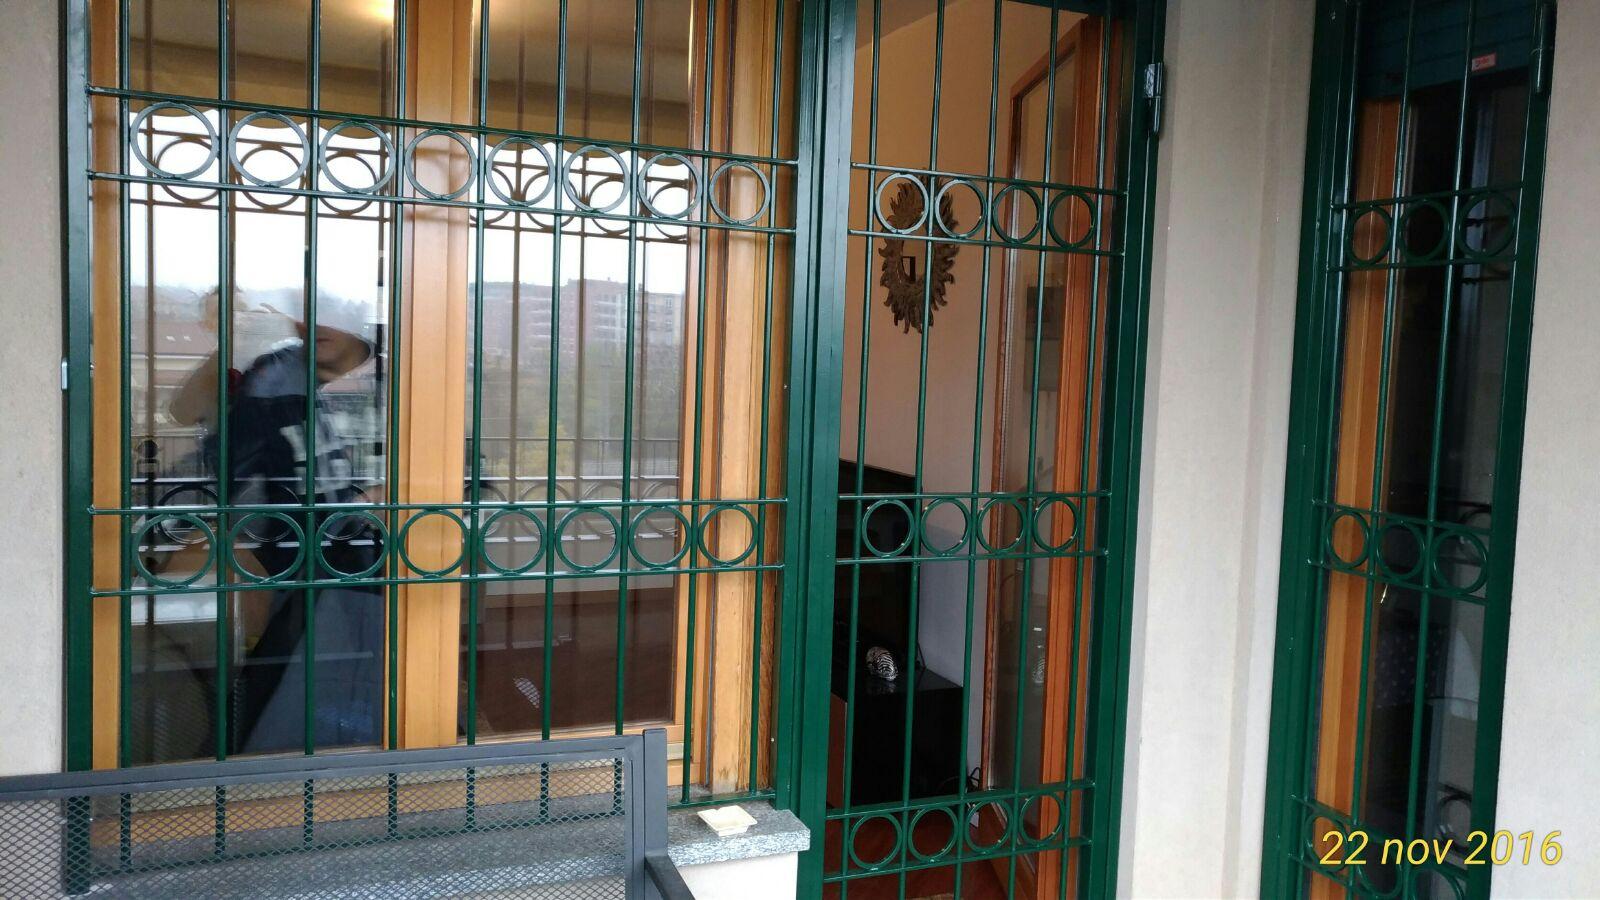 Vomeri verde per porta e finestra di sottili verghe e ornamento circolare